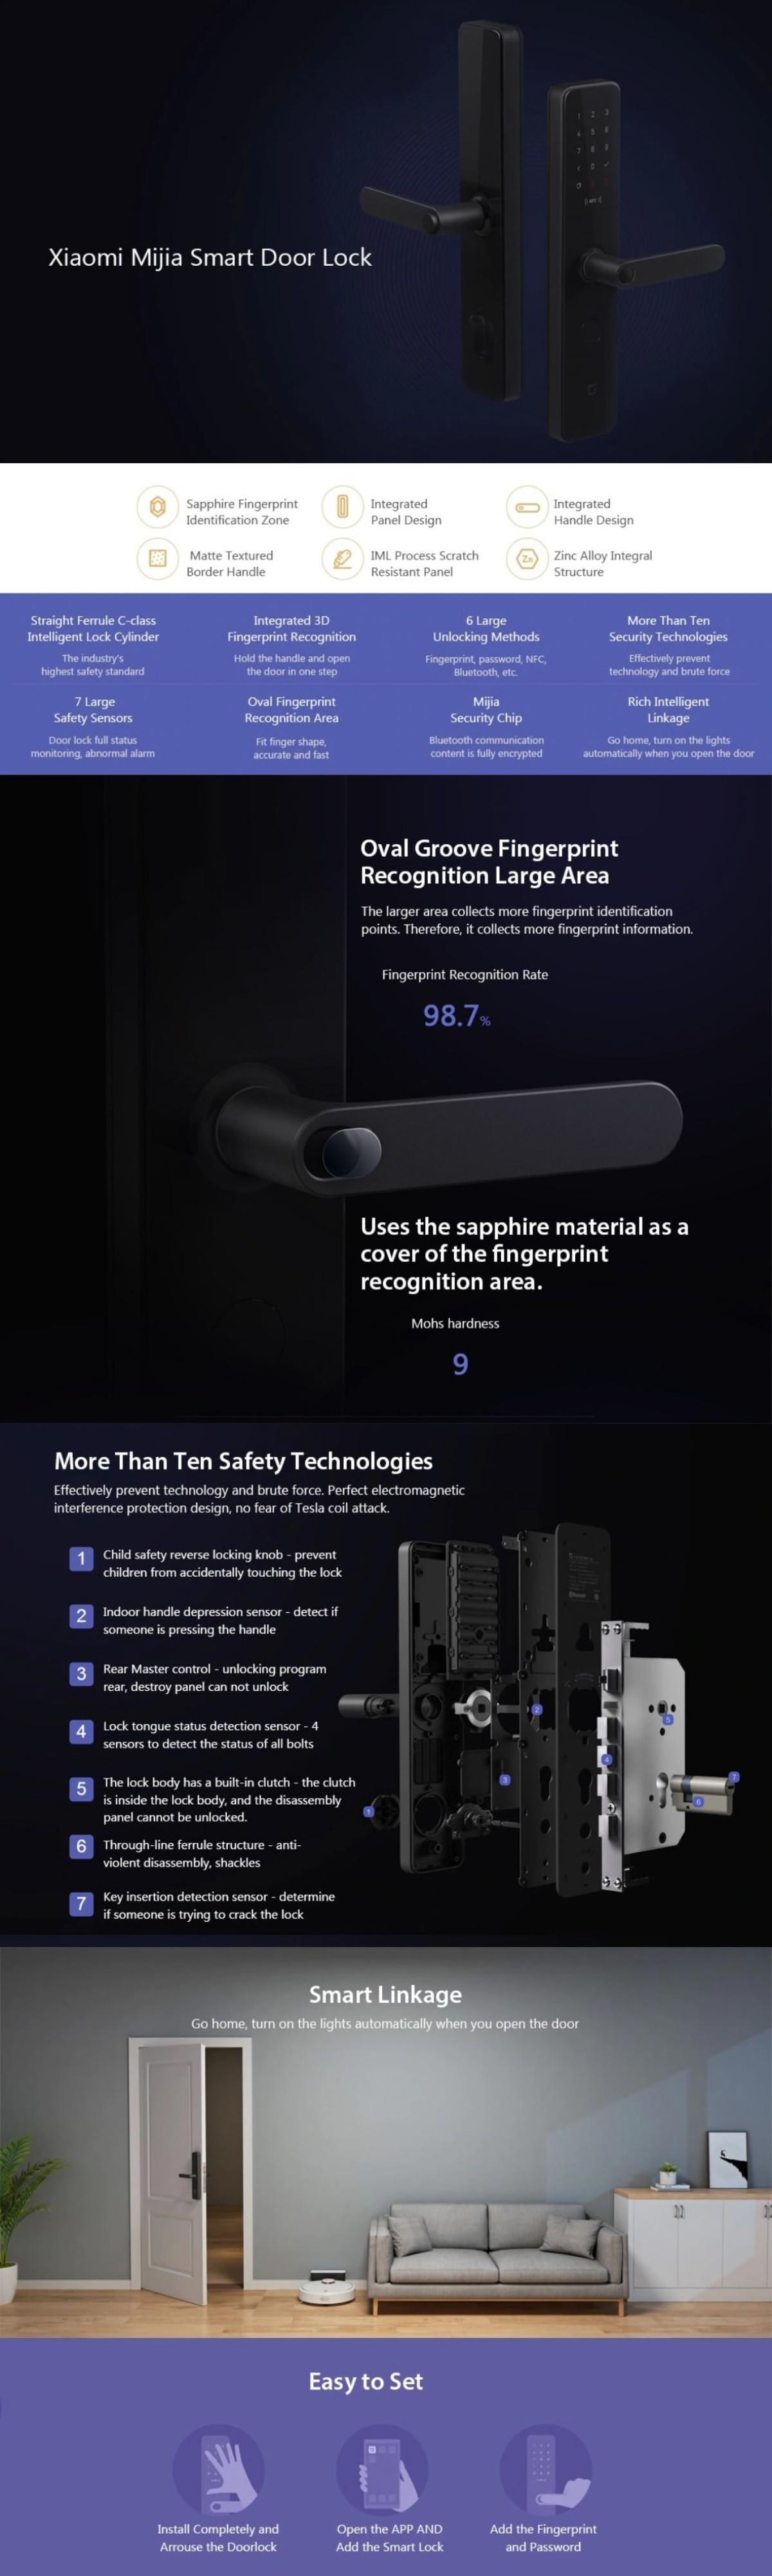 Xiaomi-Mijia-Smart-Door-Locka0888d9d2b056788.jpg